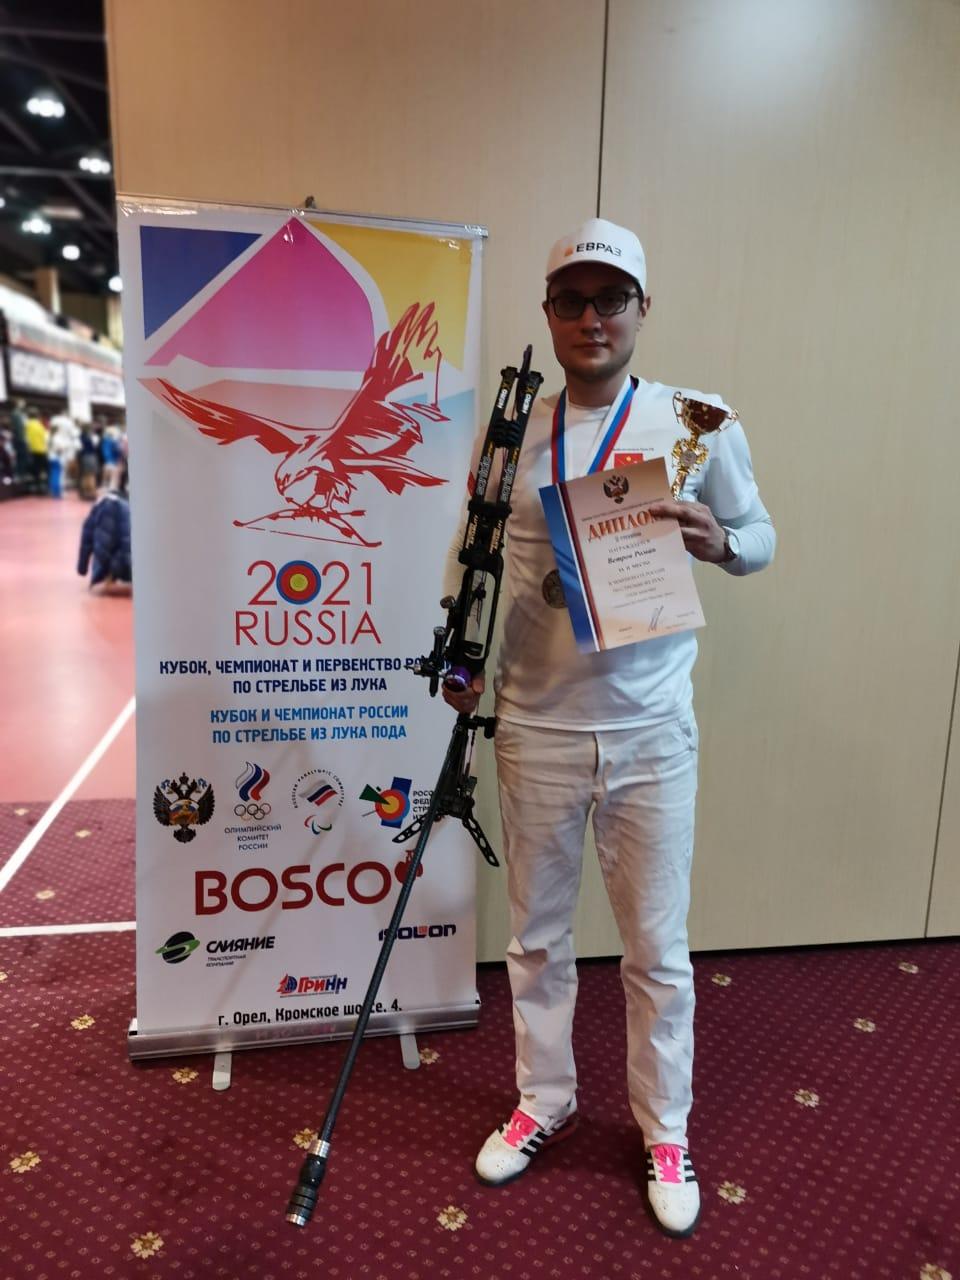 Серебро Чемпионата России в Туле!!! Роман Ветров вышел в финал Чемпионата…